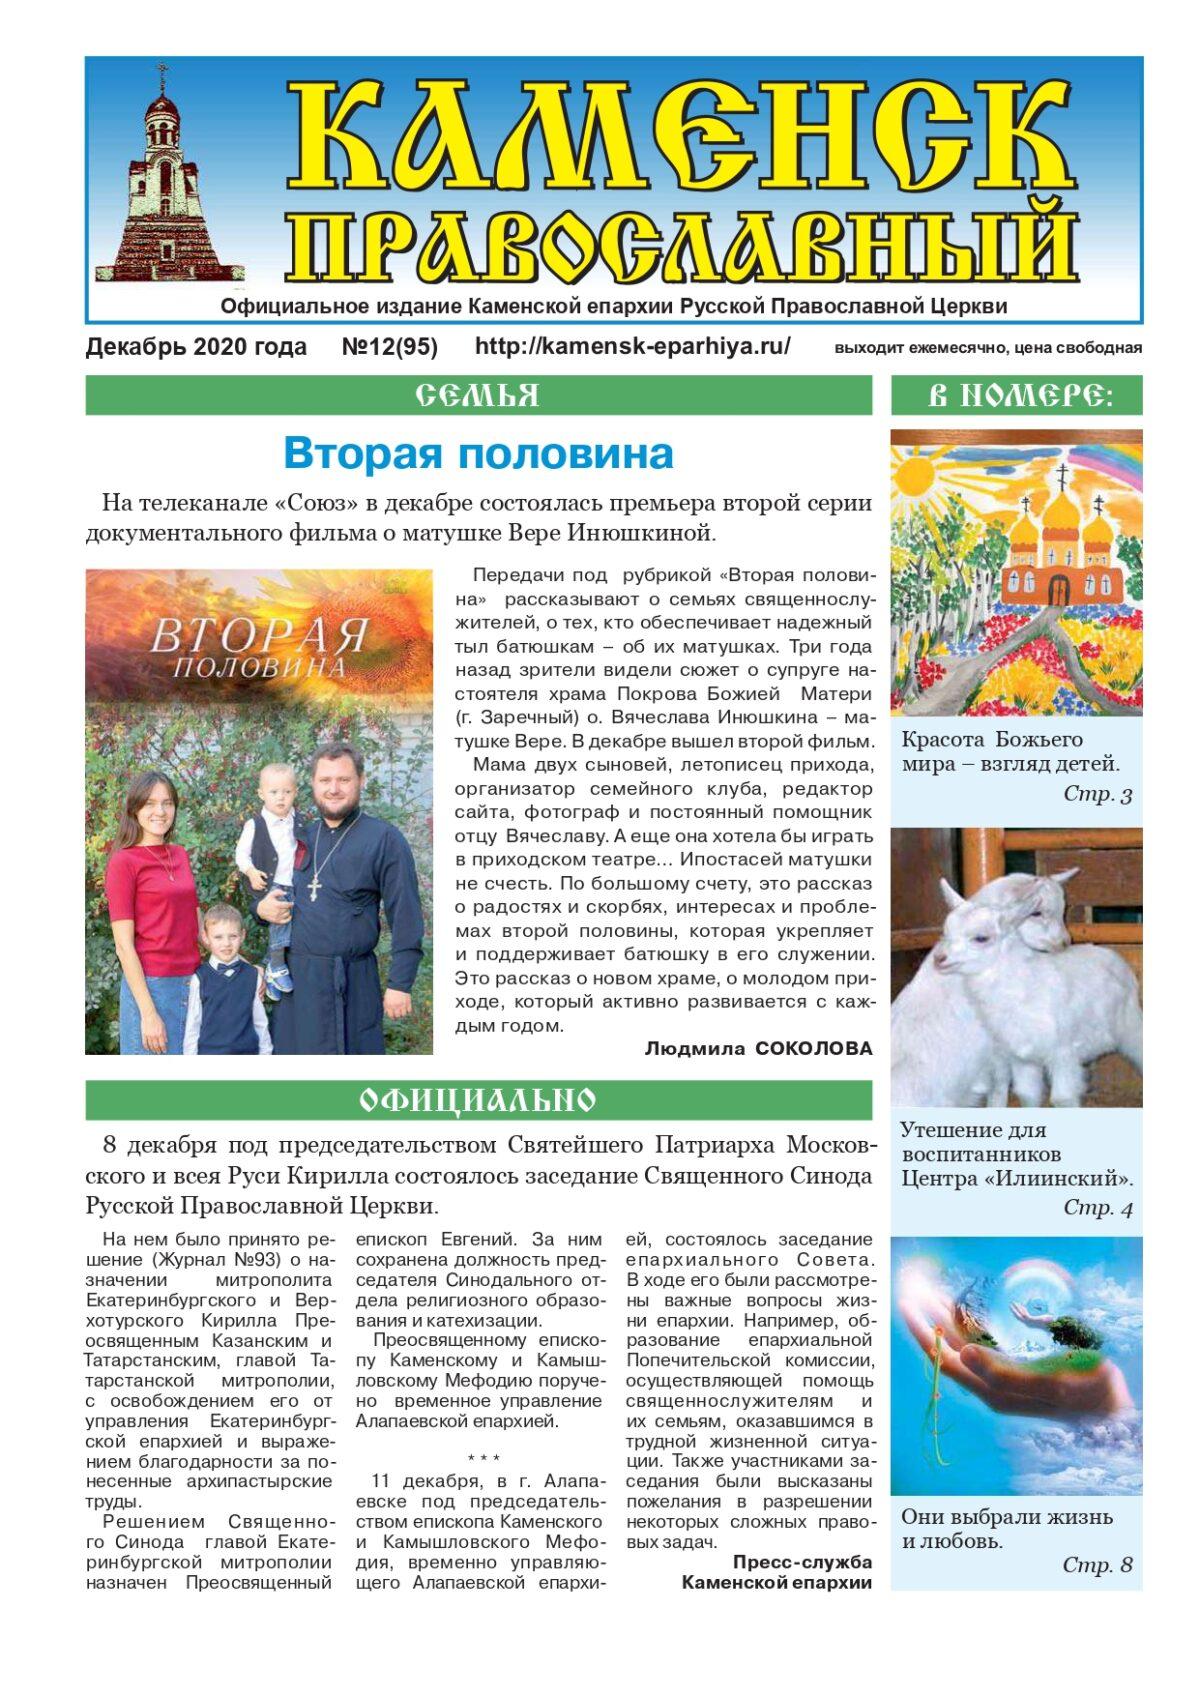 Декабрьский номер газеты  «Каменск православный»